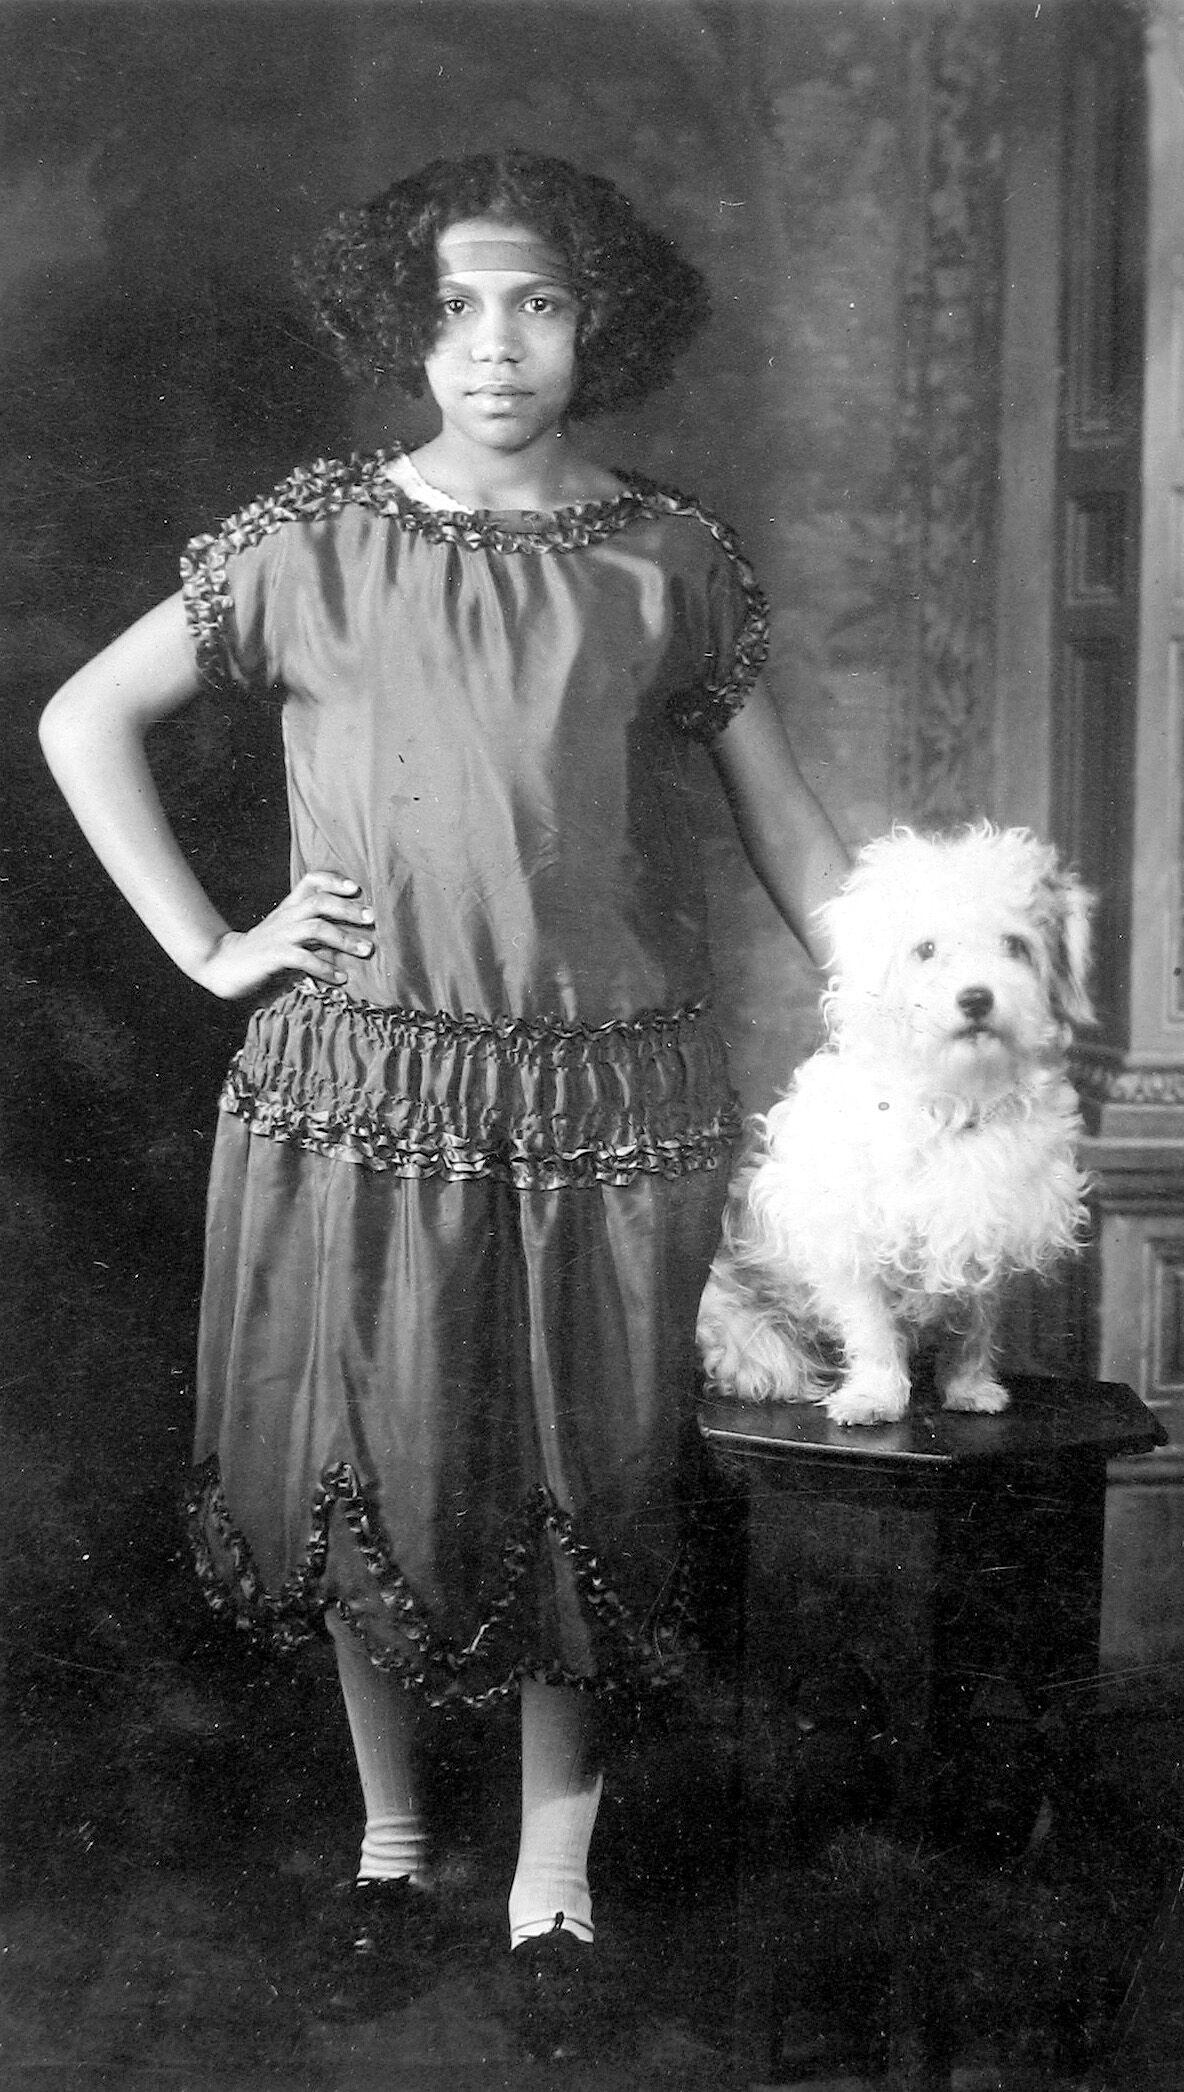 James Van Der Zee, Young Girl with Dog, 1921. © Donna Mussenden Van Der Zee. Courtesy of Howard Greenberg Gallery, New York.